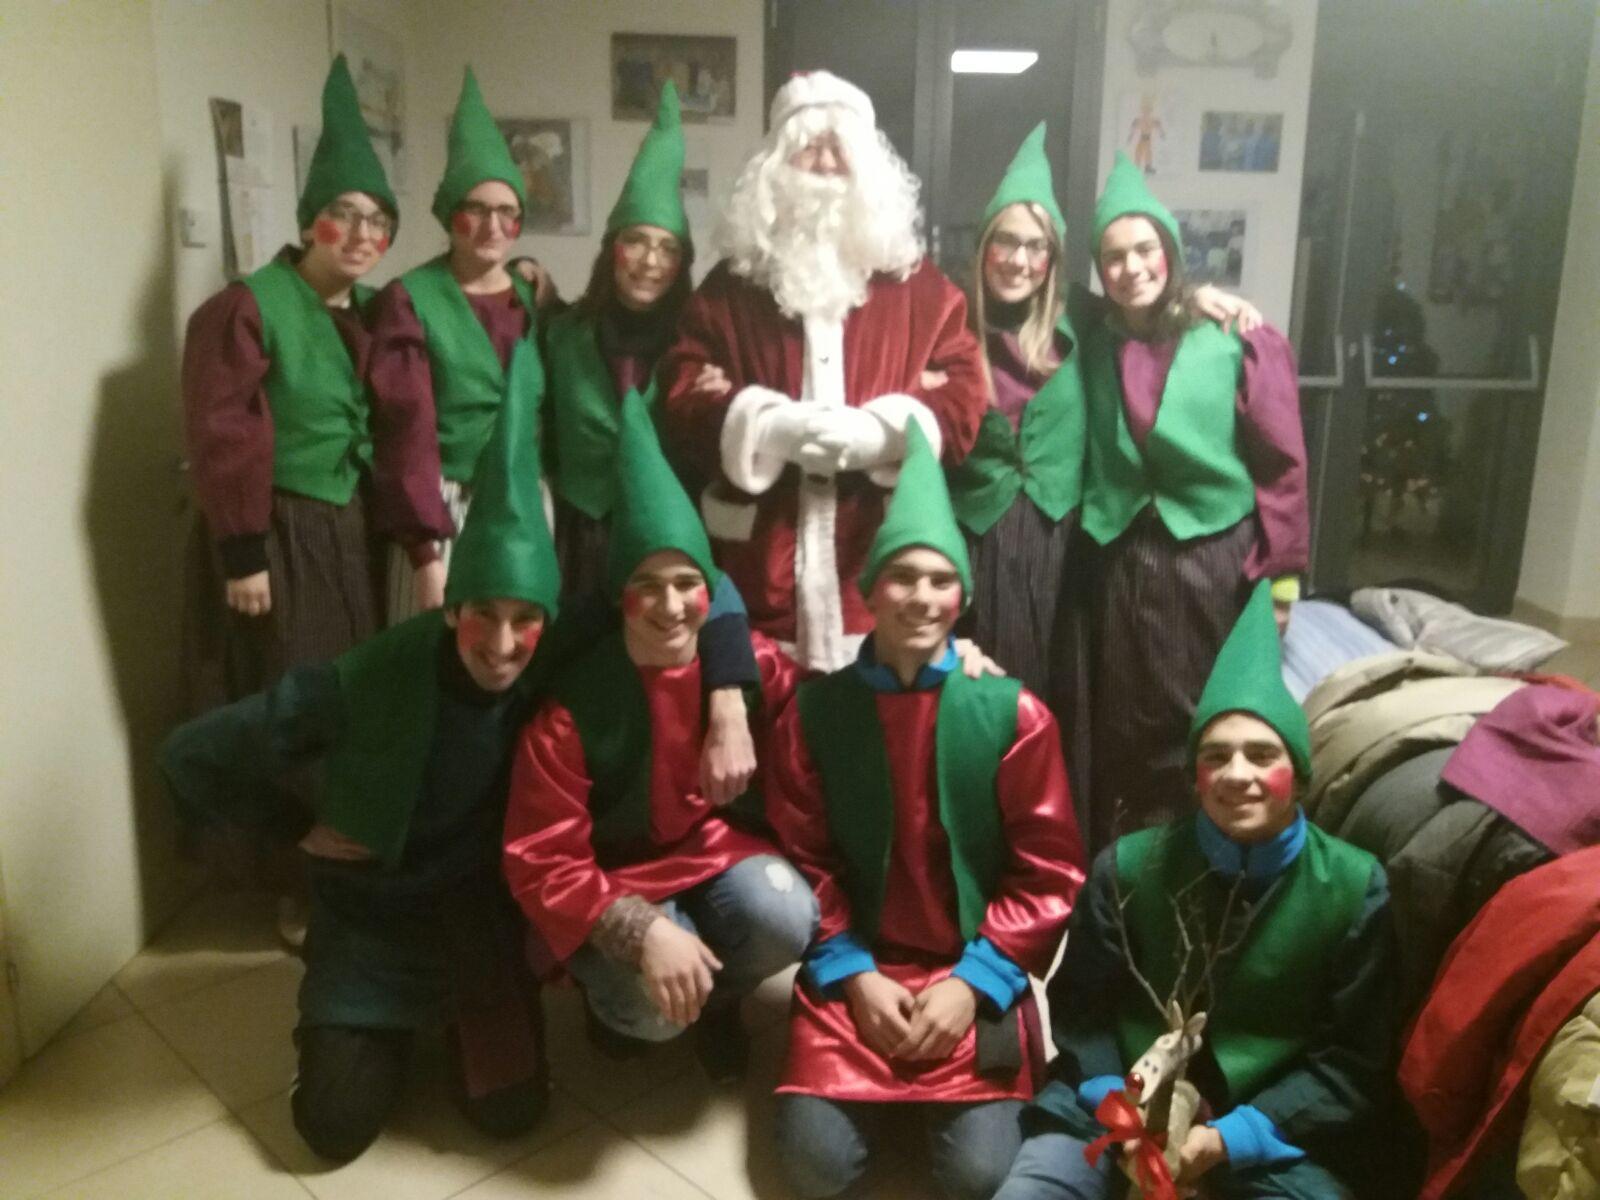 Babbo Natale E Gli Elfi.Babbo Natale E Gli Elfi Hanno Consegnato I Regali Richiesti Dai